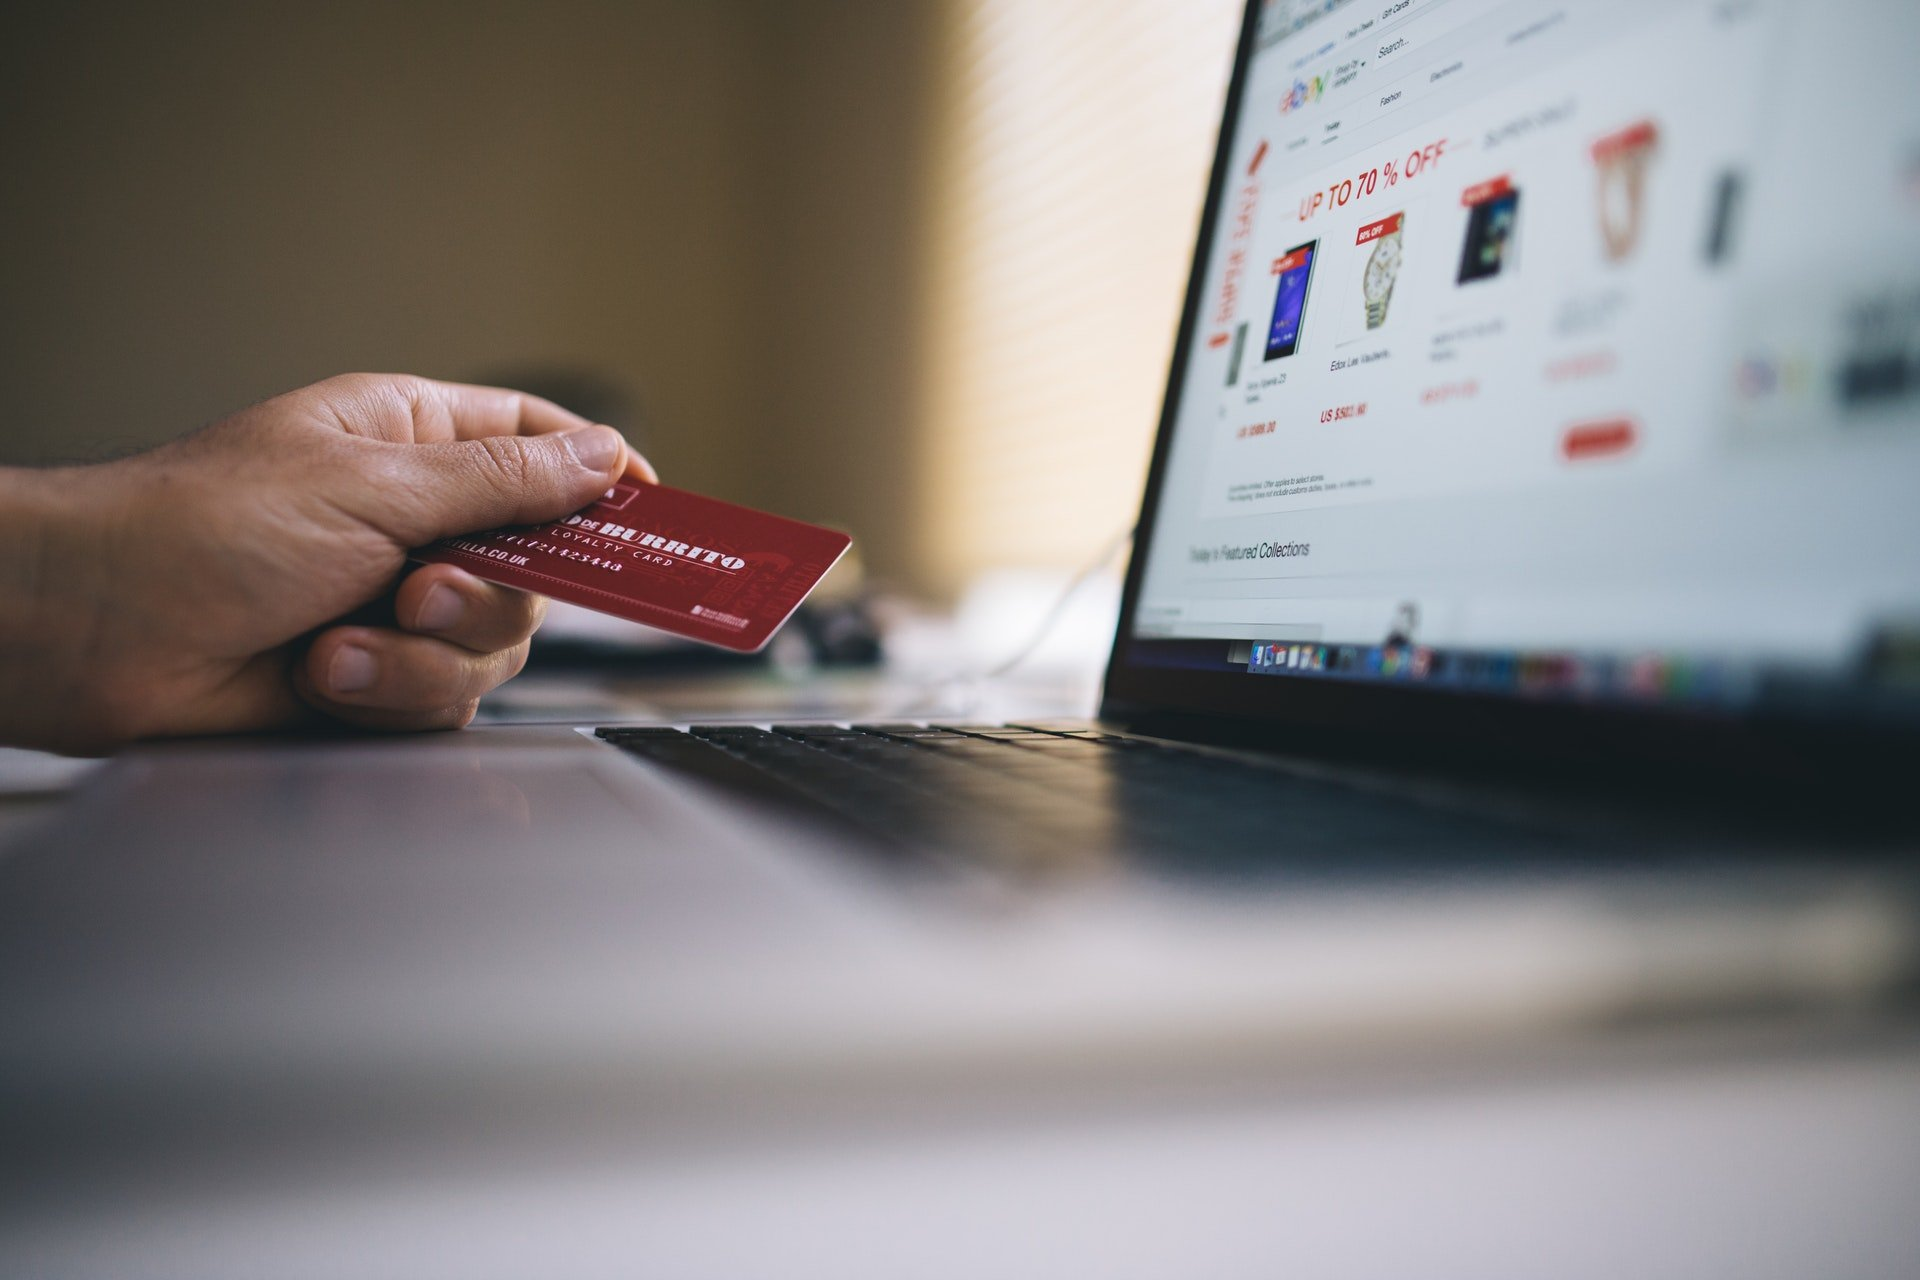 proceso-compra-online